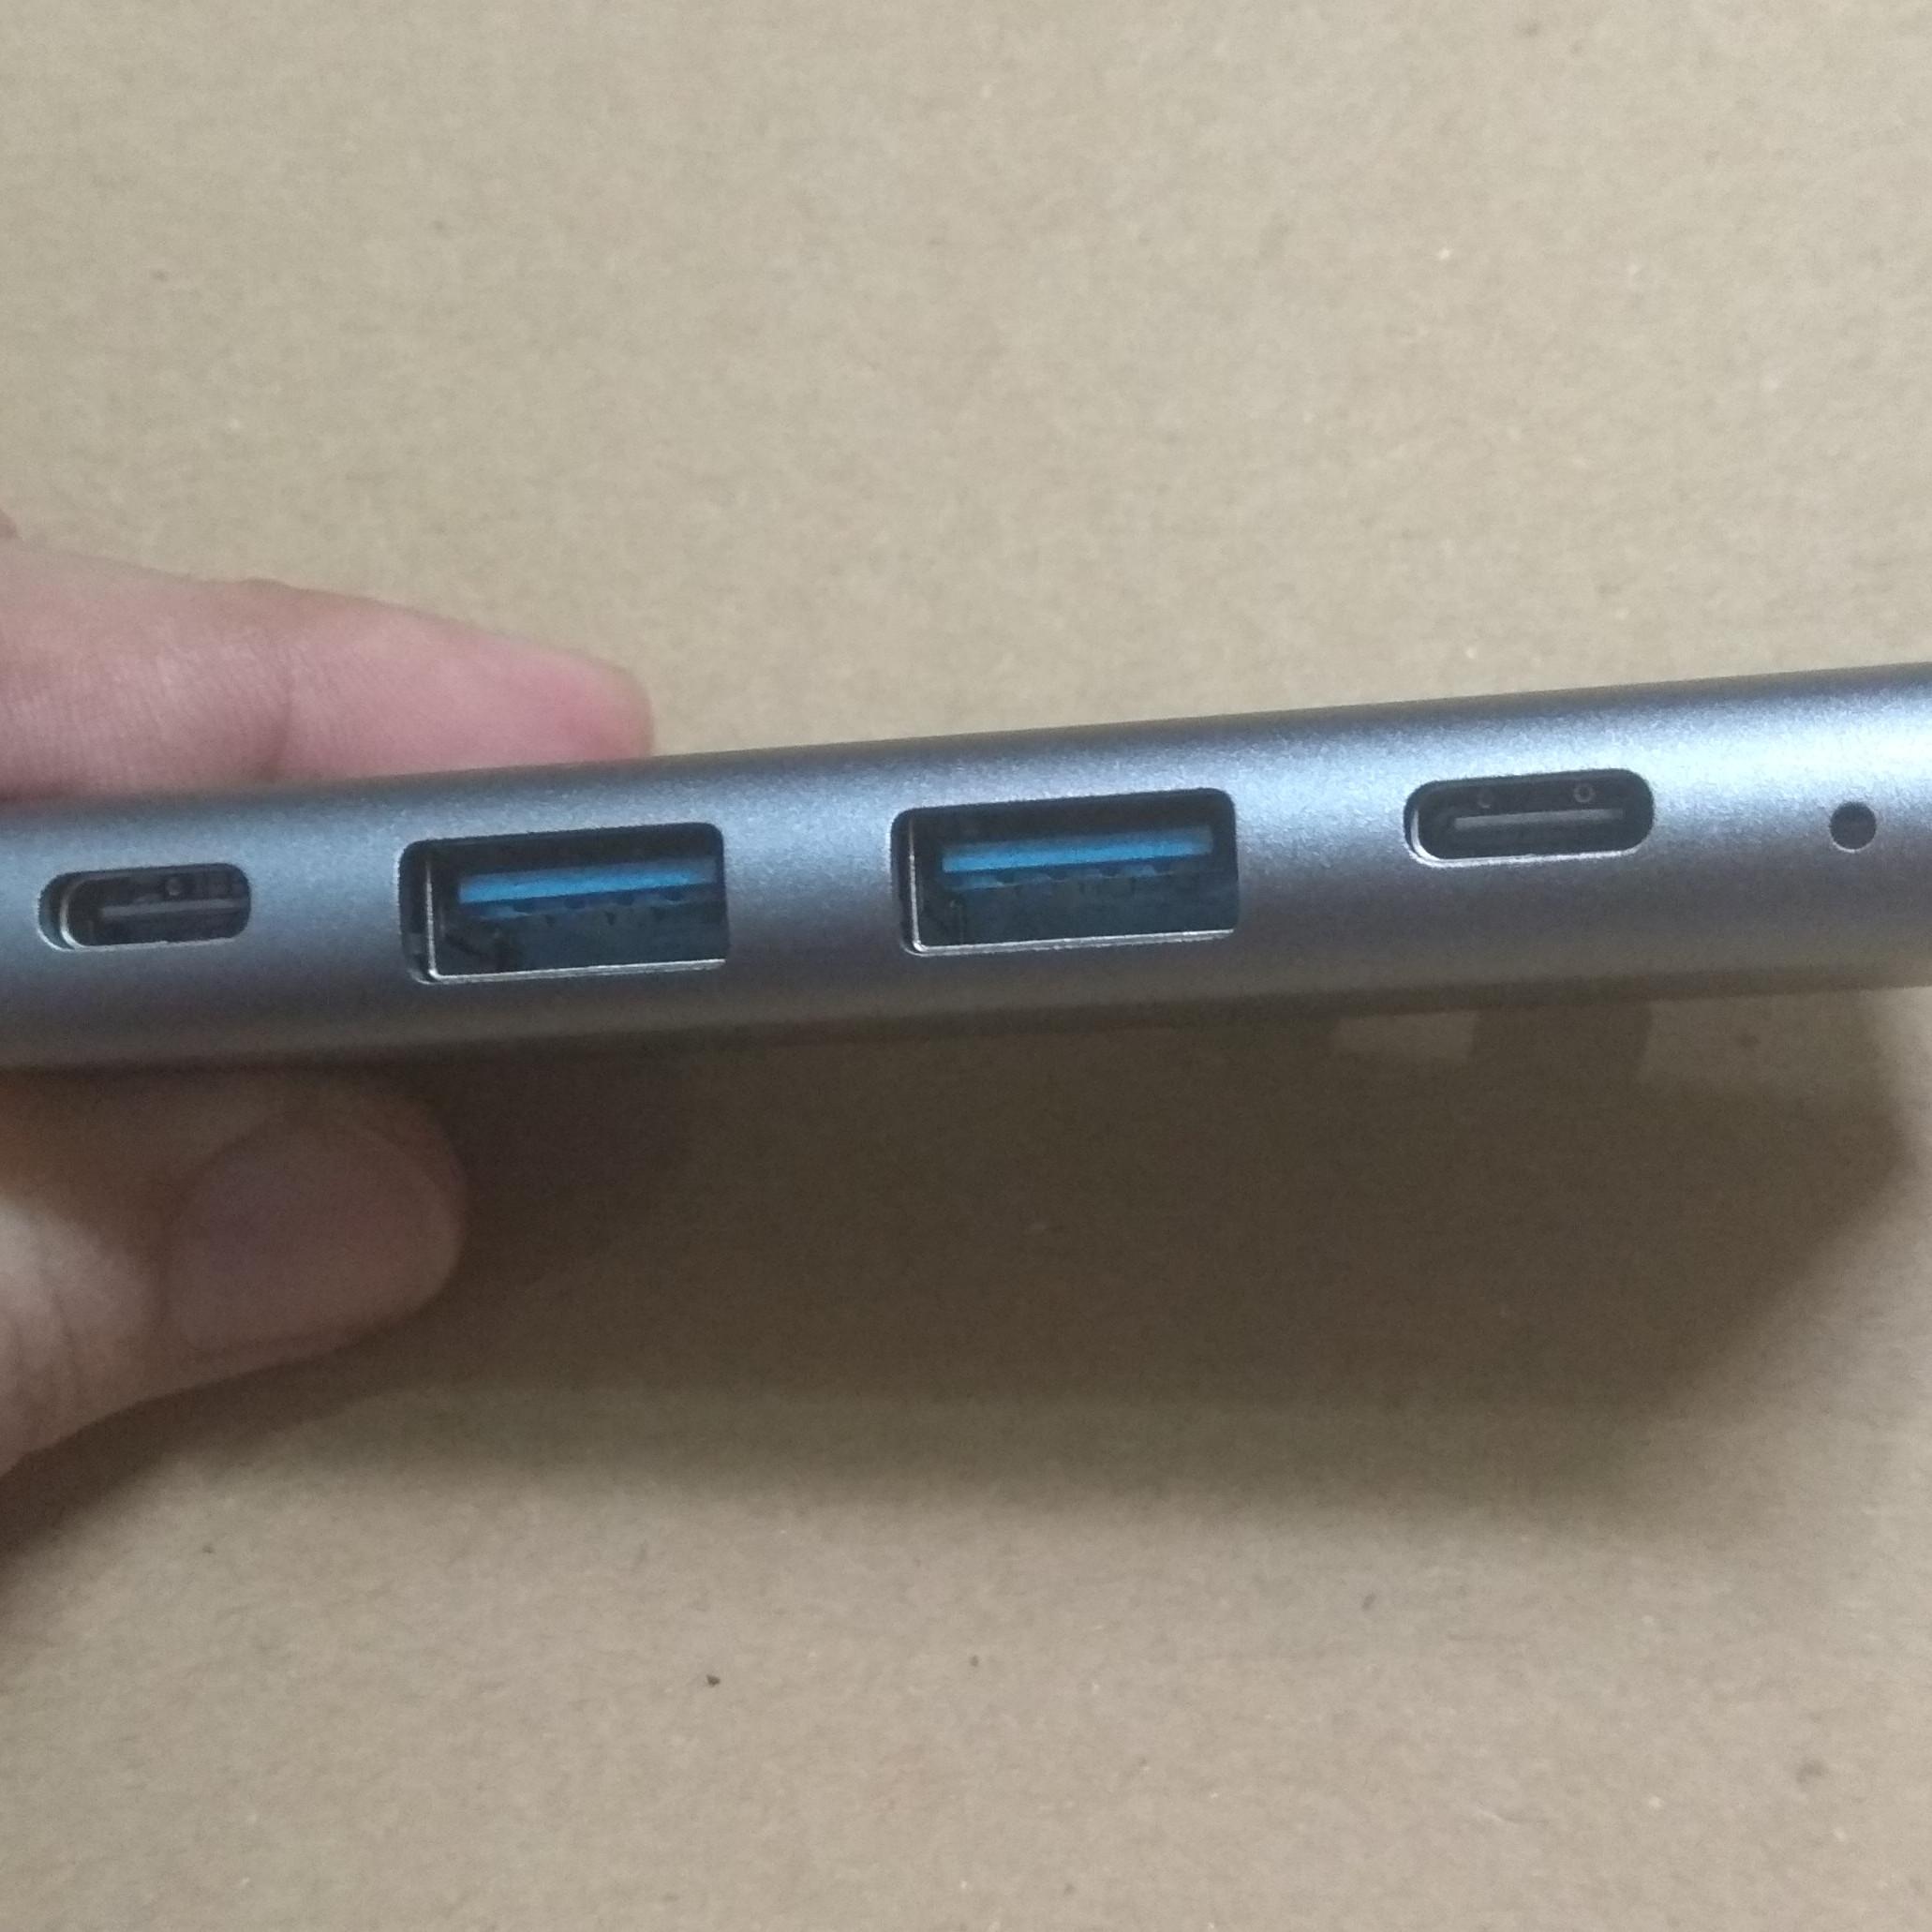 Cáp chuyển đổi Thunderbolt 3 cho Macbook  ra 5 cổng HDMI/ USB/ Type-C - TTH50560